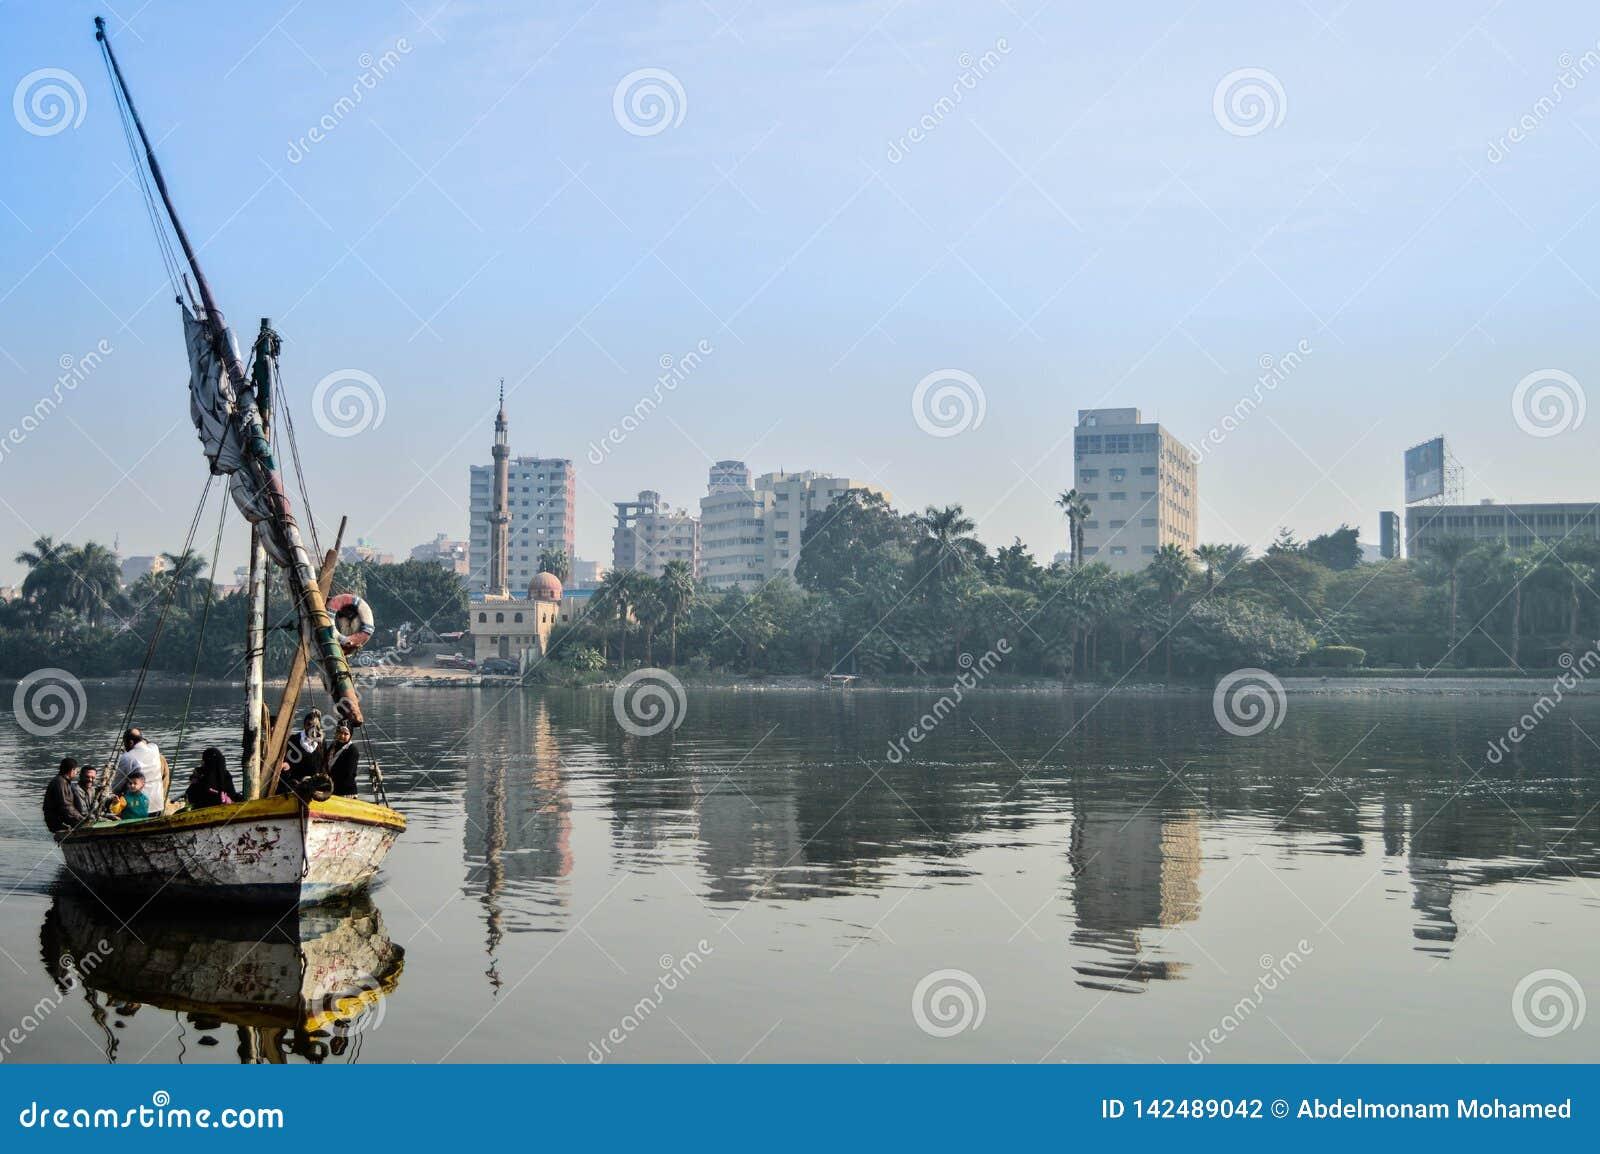 Een schip in de Nijl door mensen